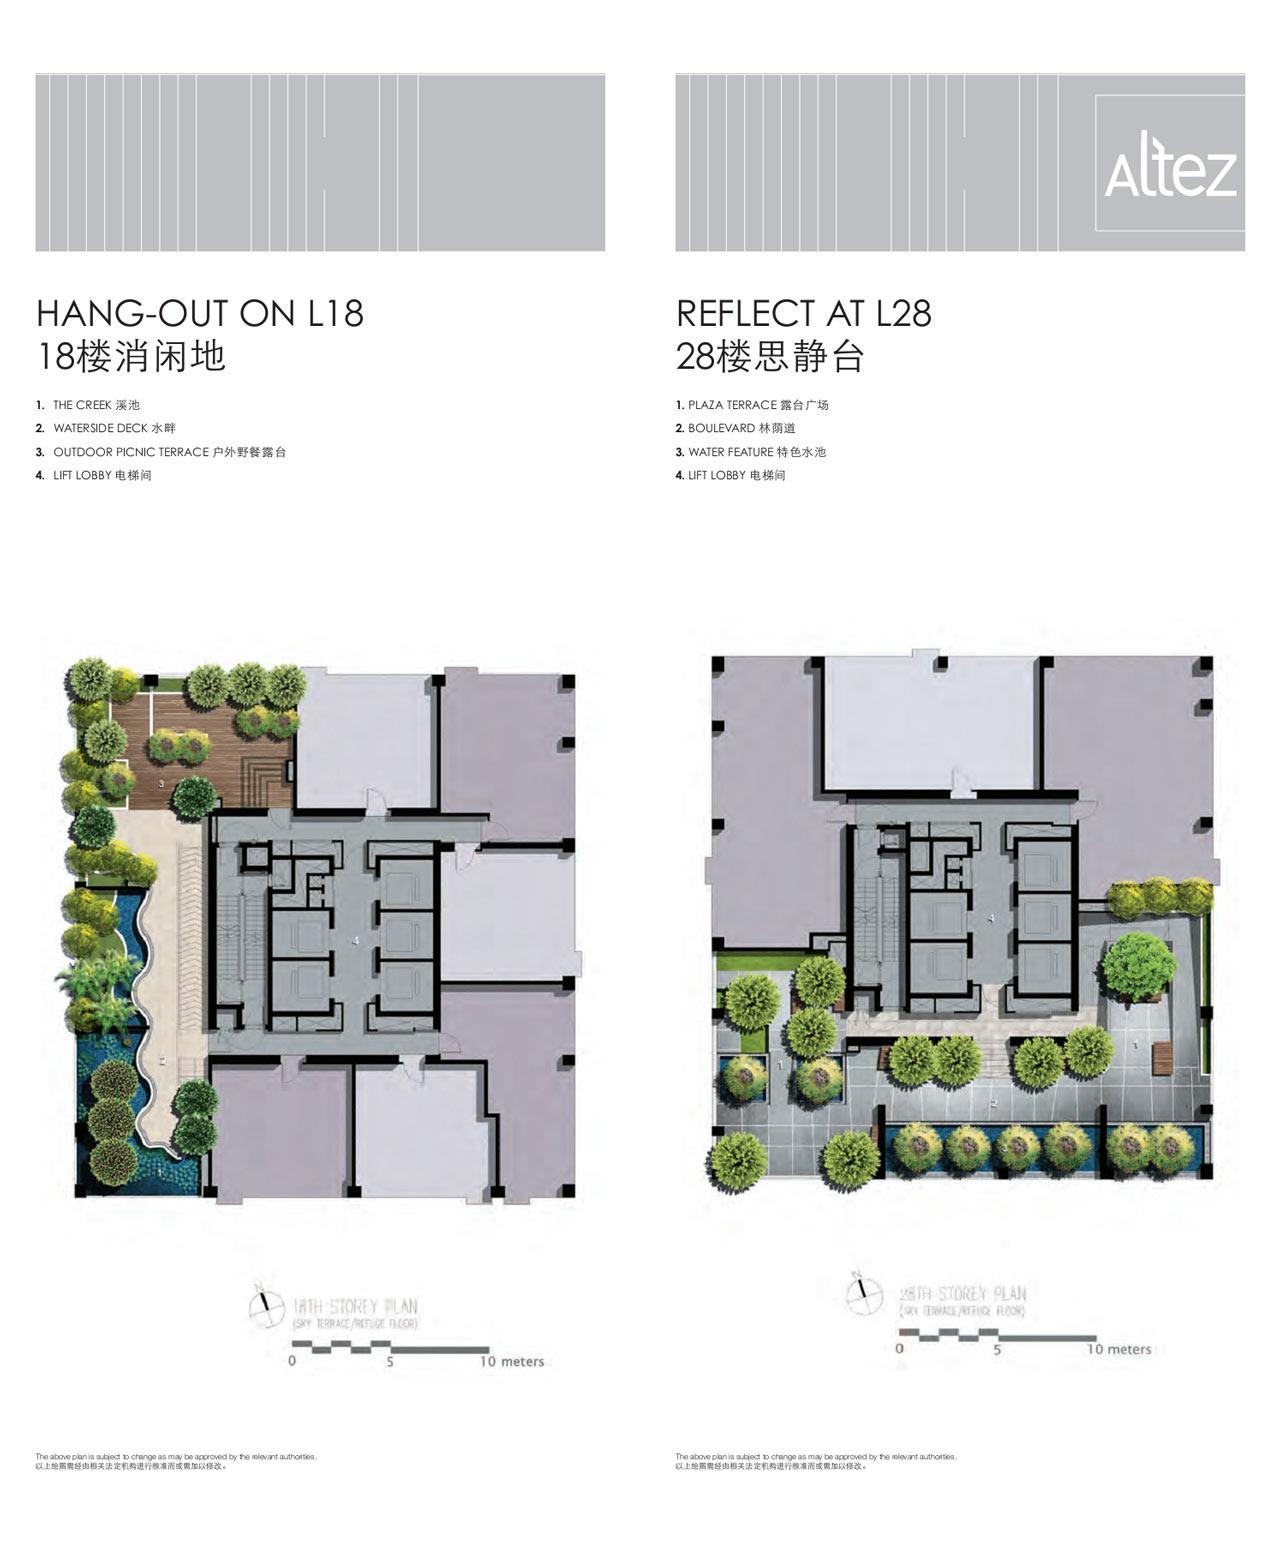 Site Plans Level 18 & Level 28